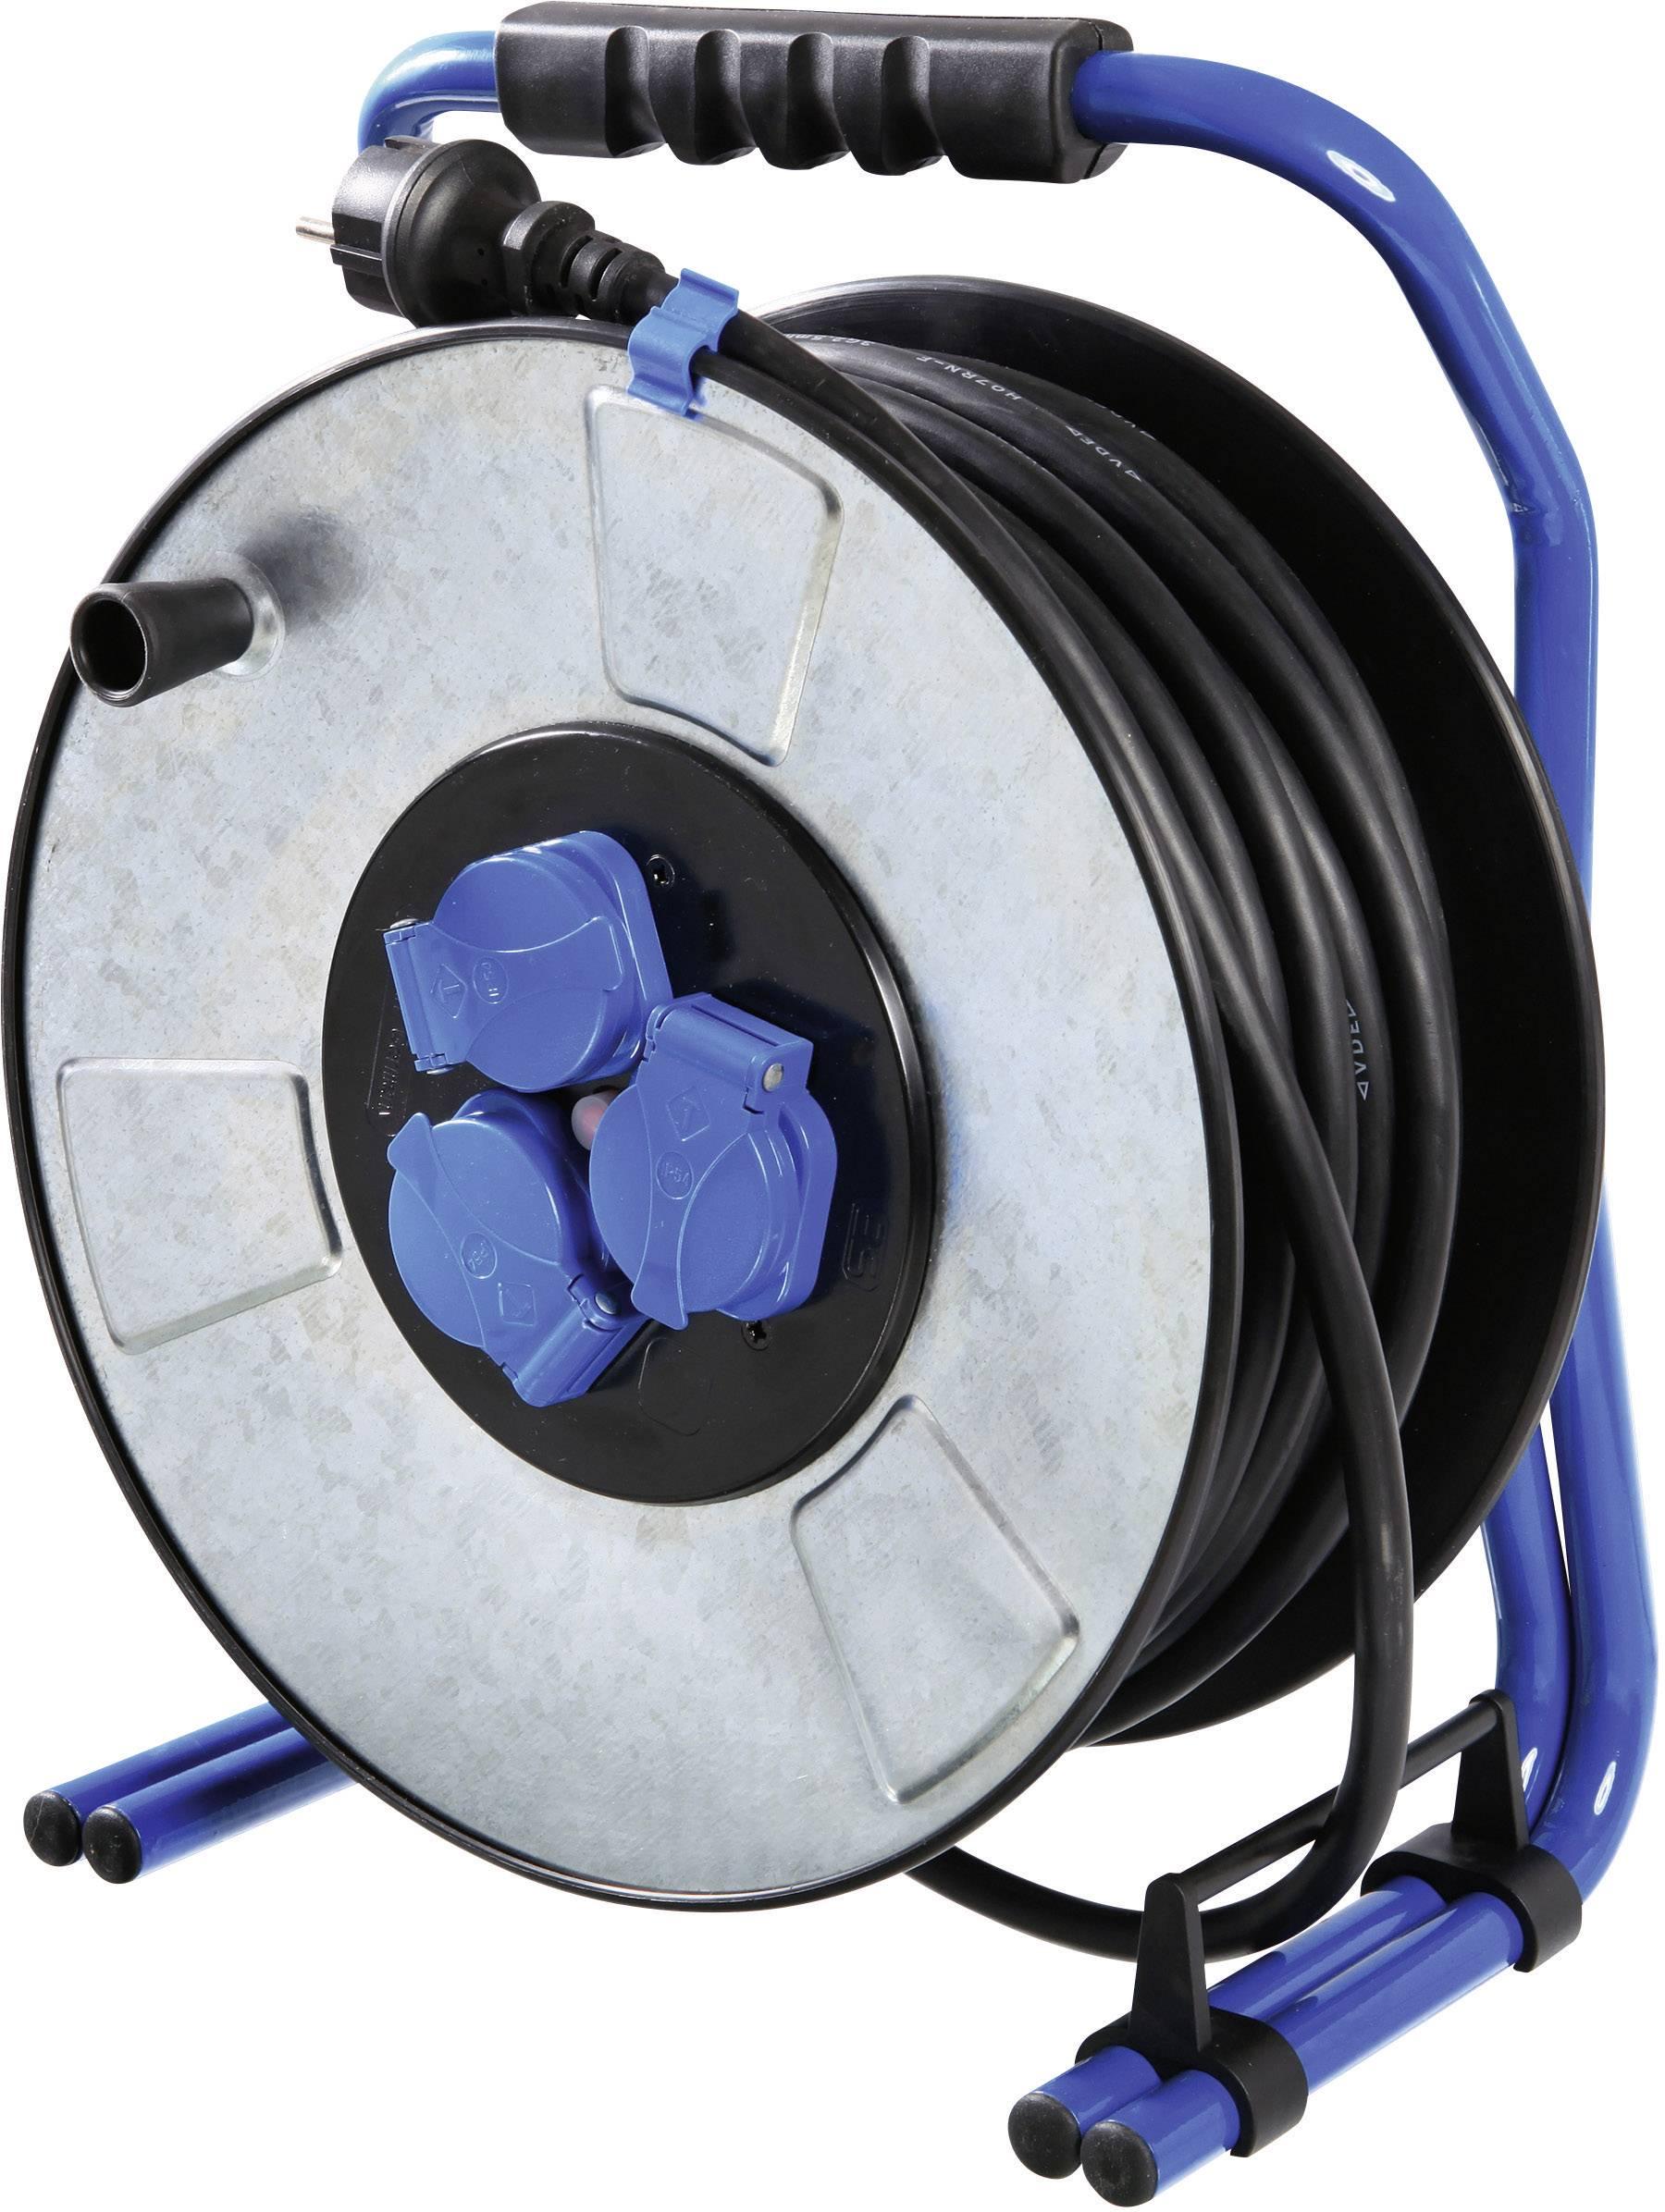 Kovový kabelový buben 40 m, Ø 320 mm